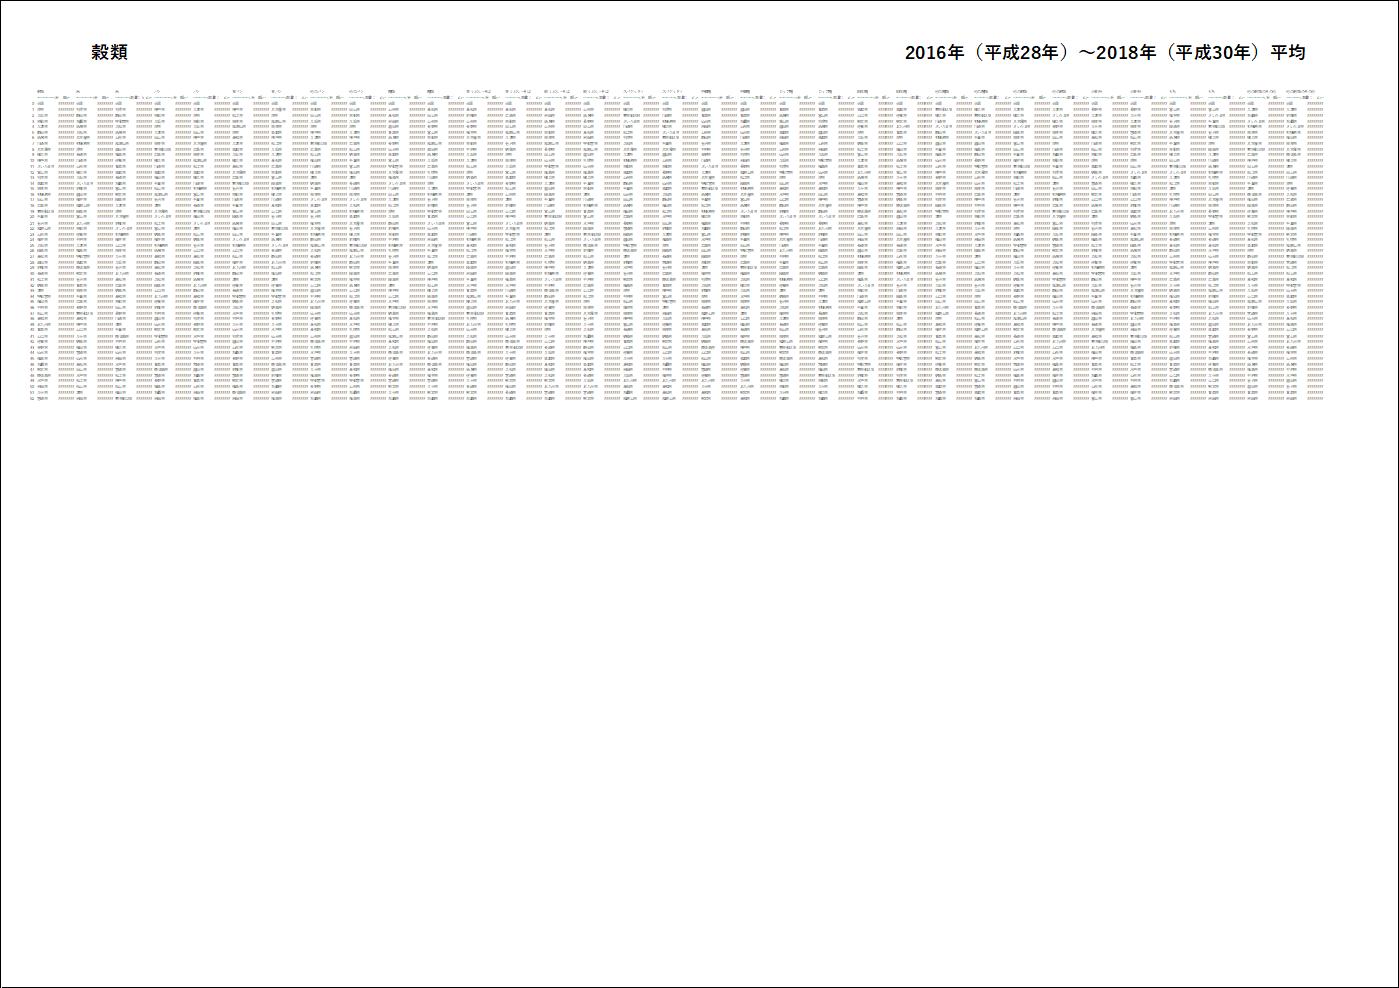 シートを1ページに印刷